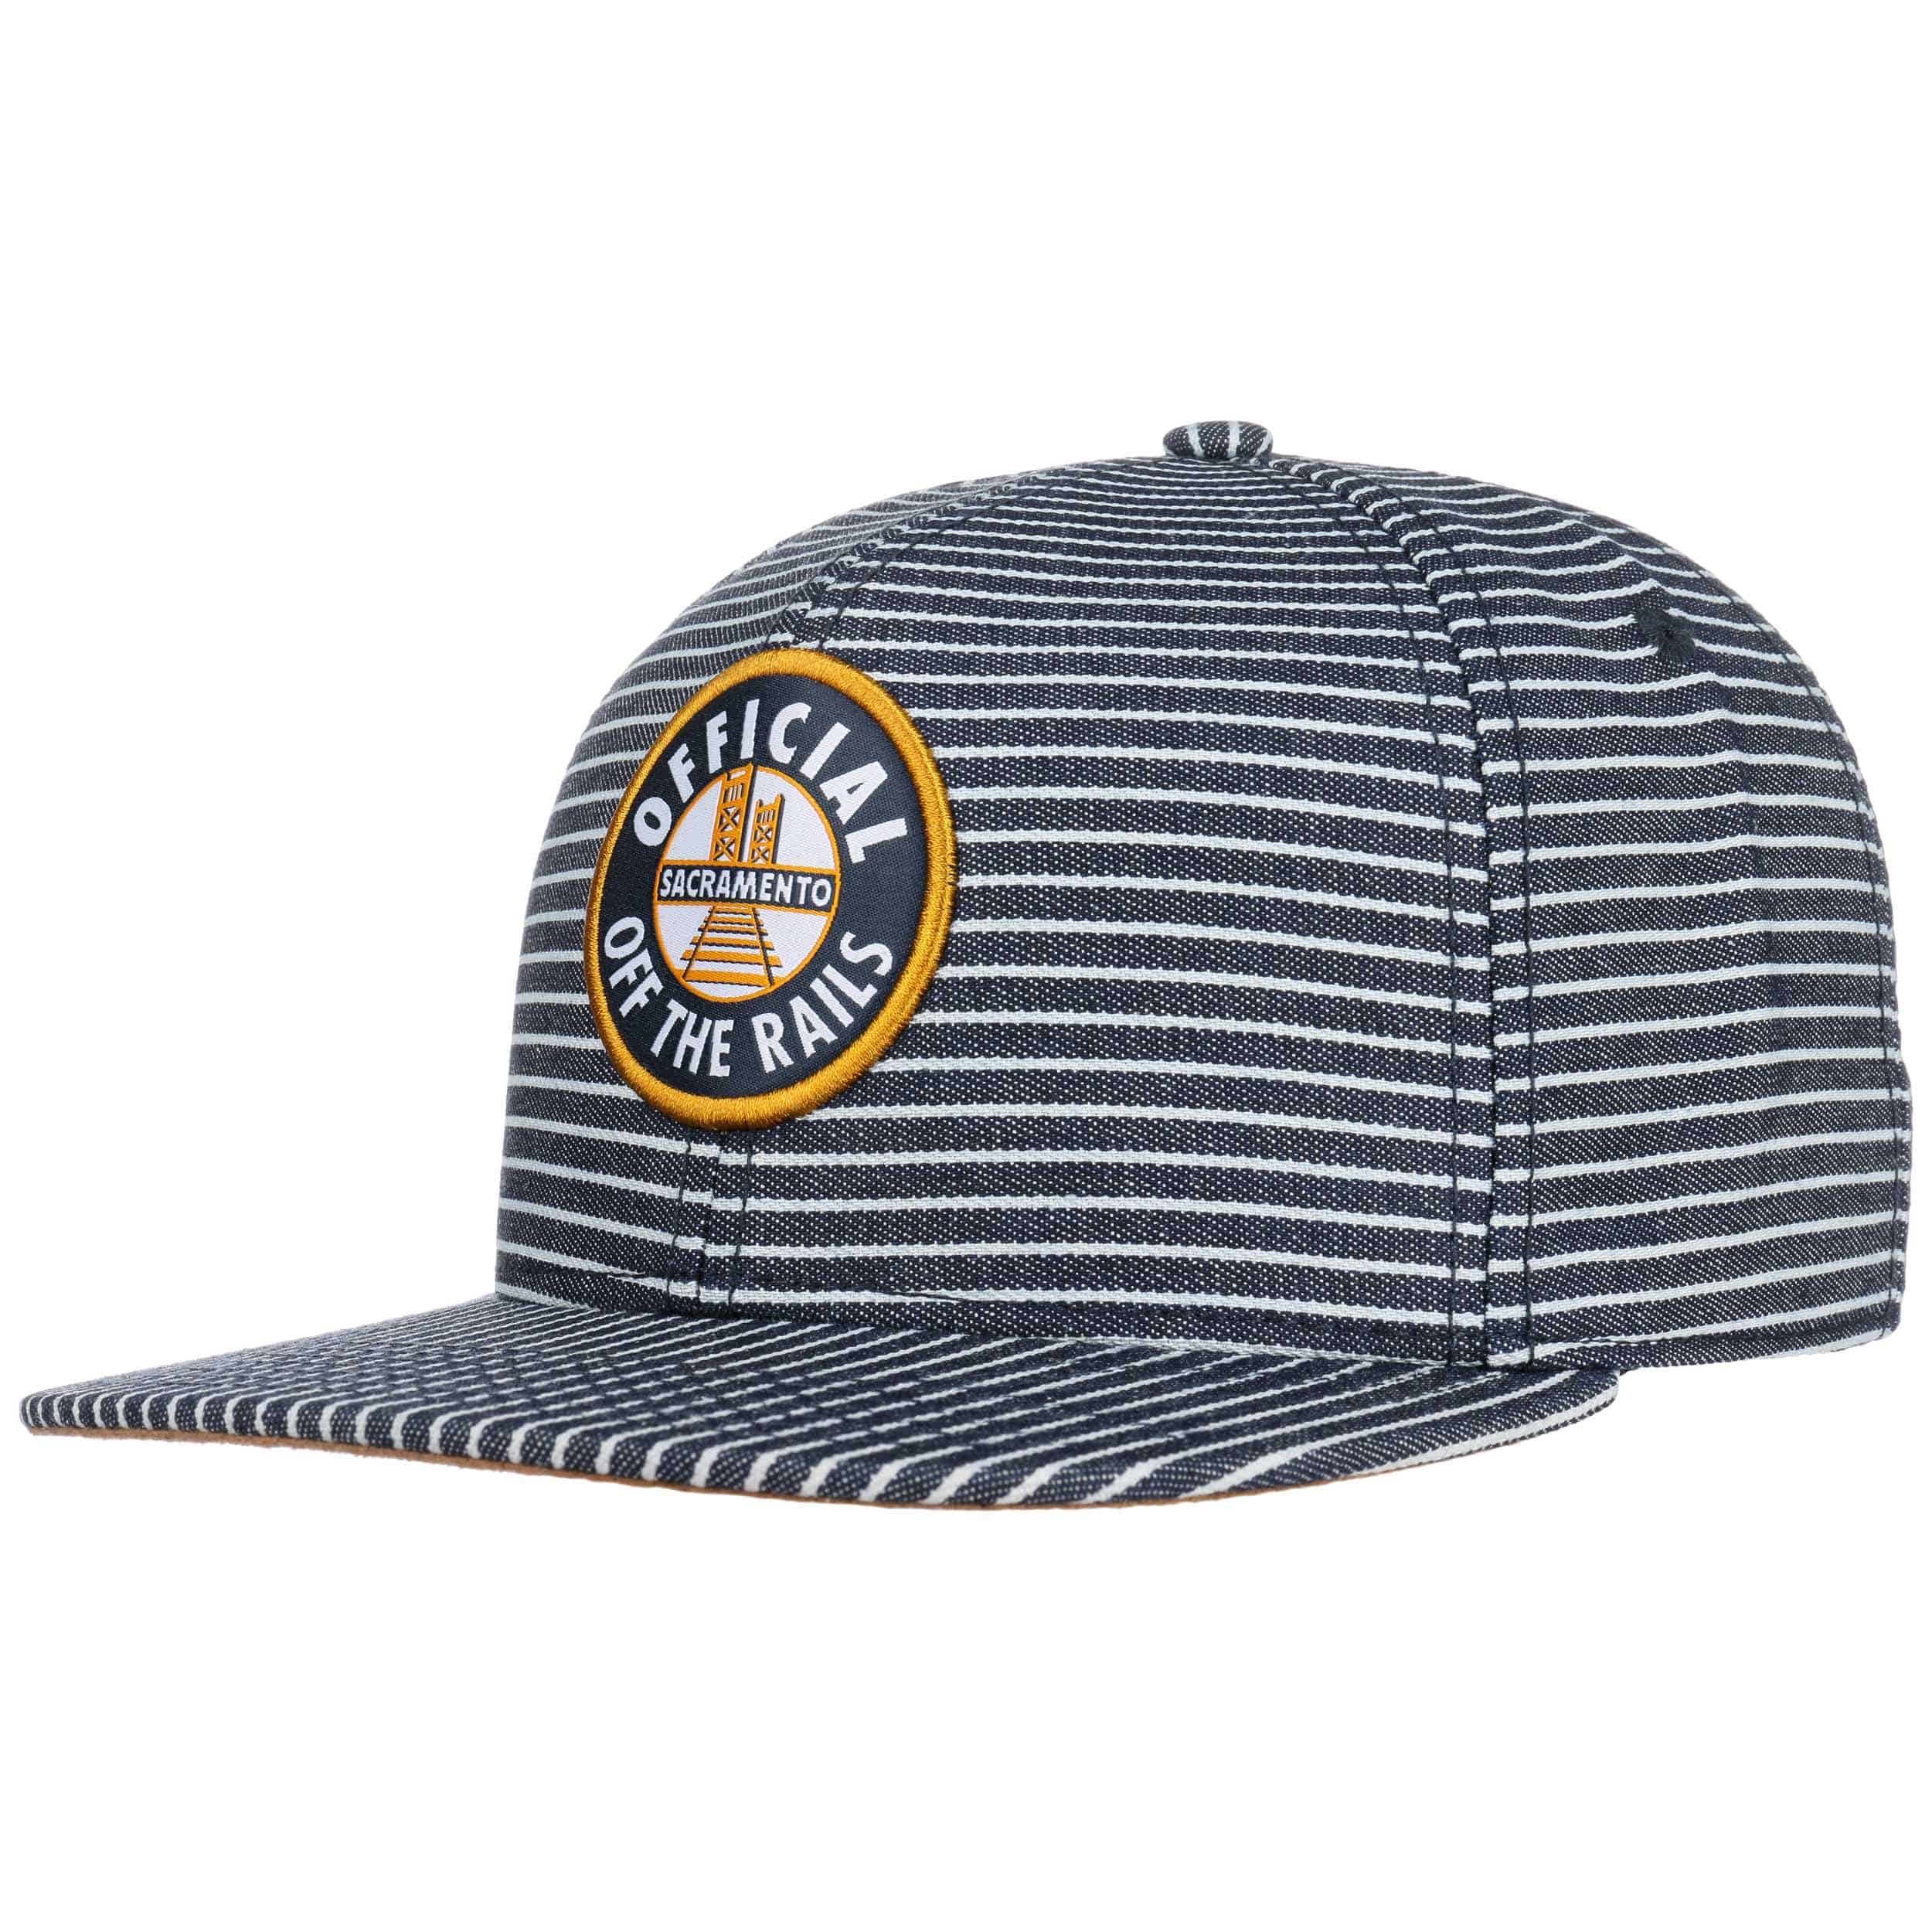 Roadman Snapback Cap. by Official Headwear a9fe65e34d8